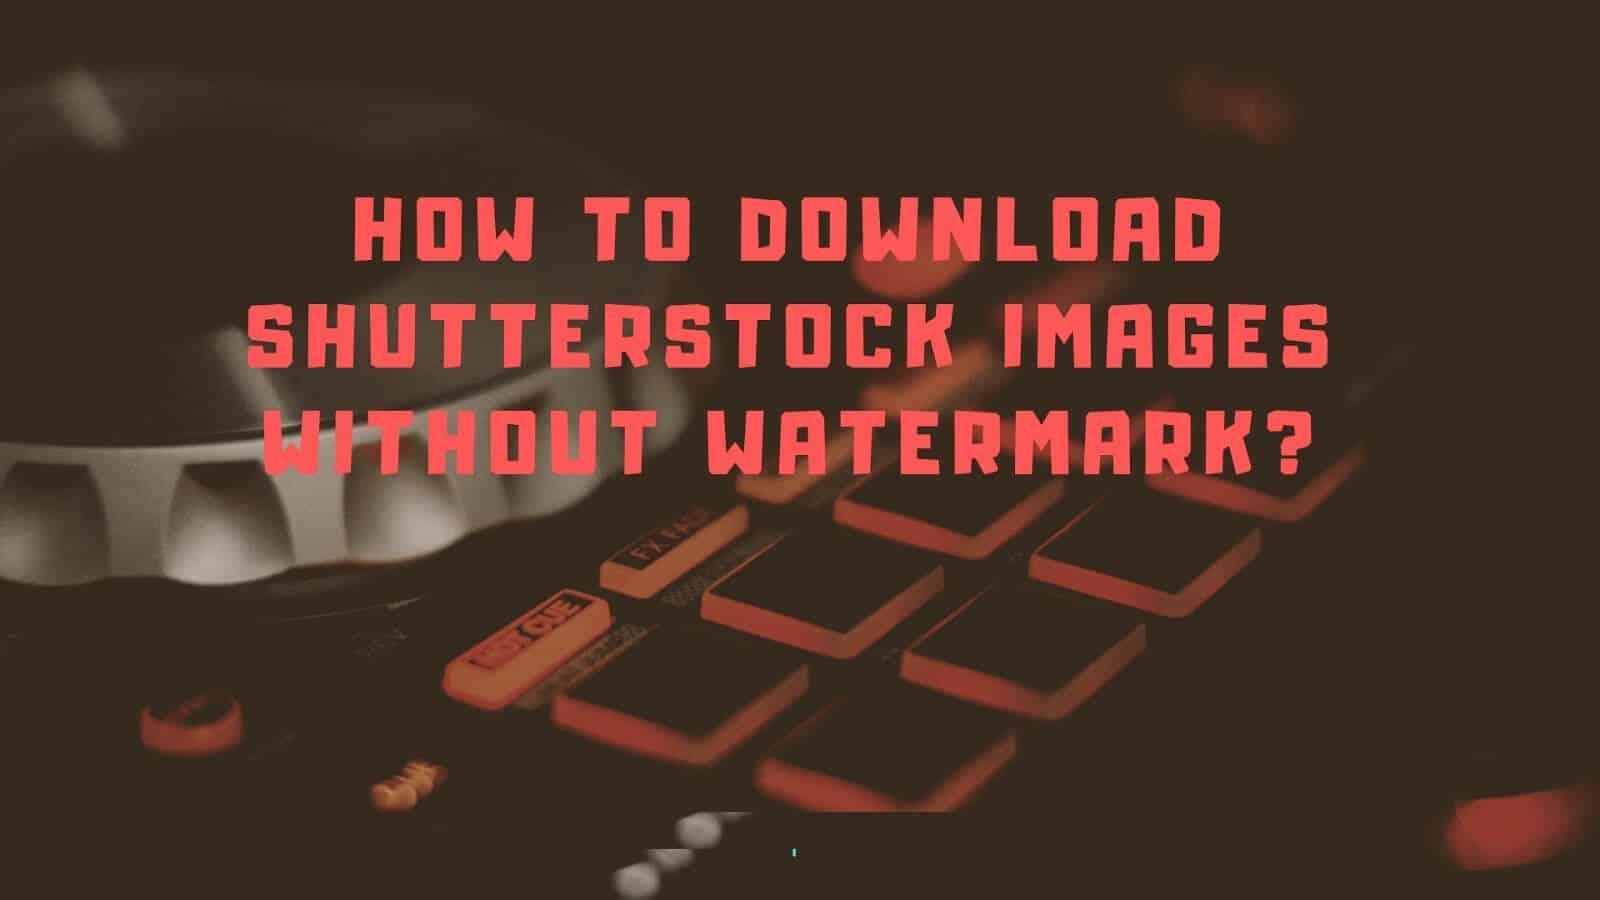 Nola deskargatu doako irteerarik gabeko Shutterstock argazkiak?  |  eguneratua